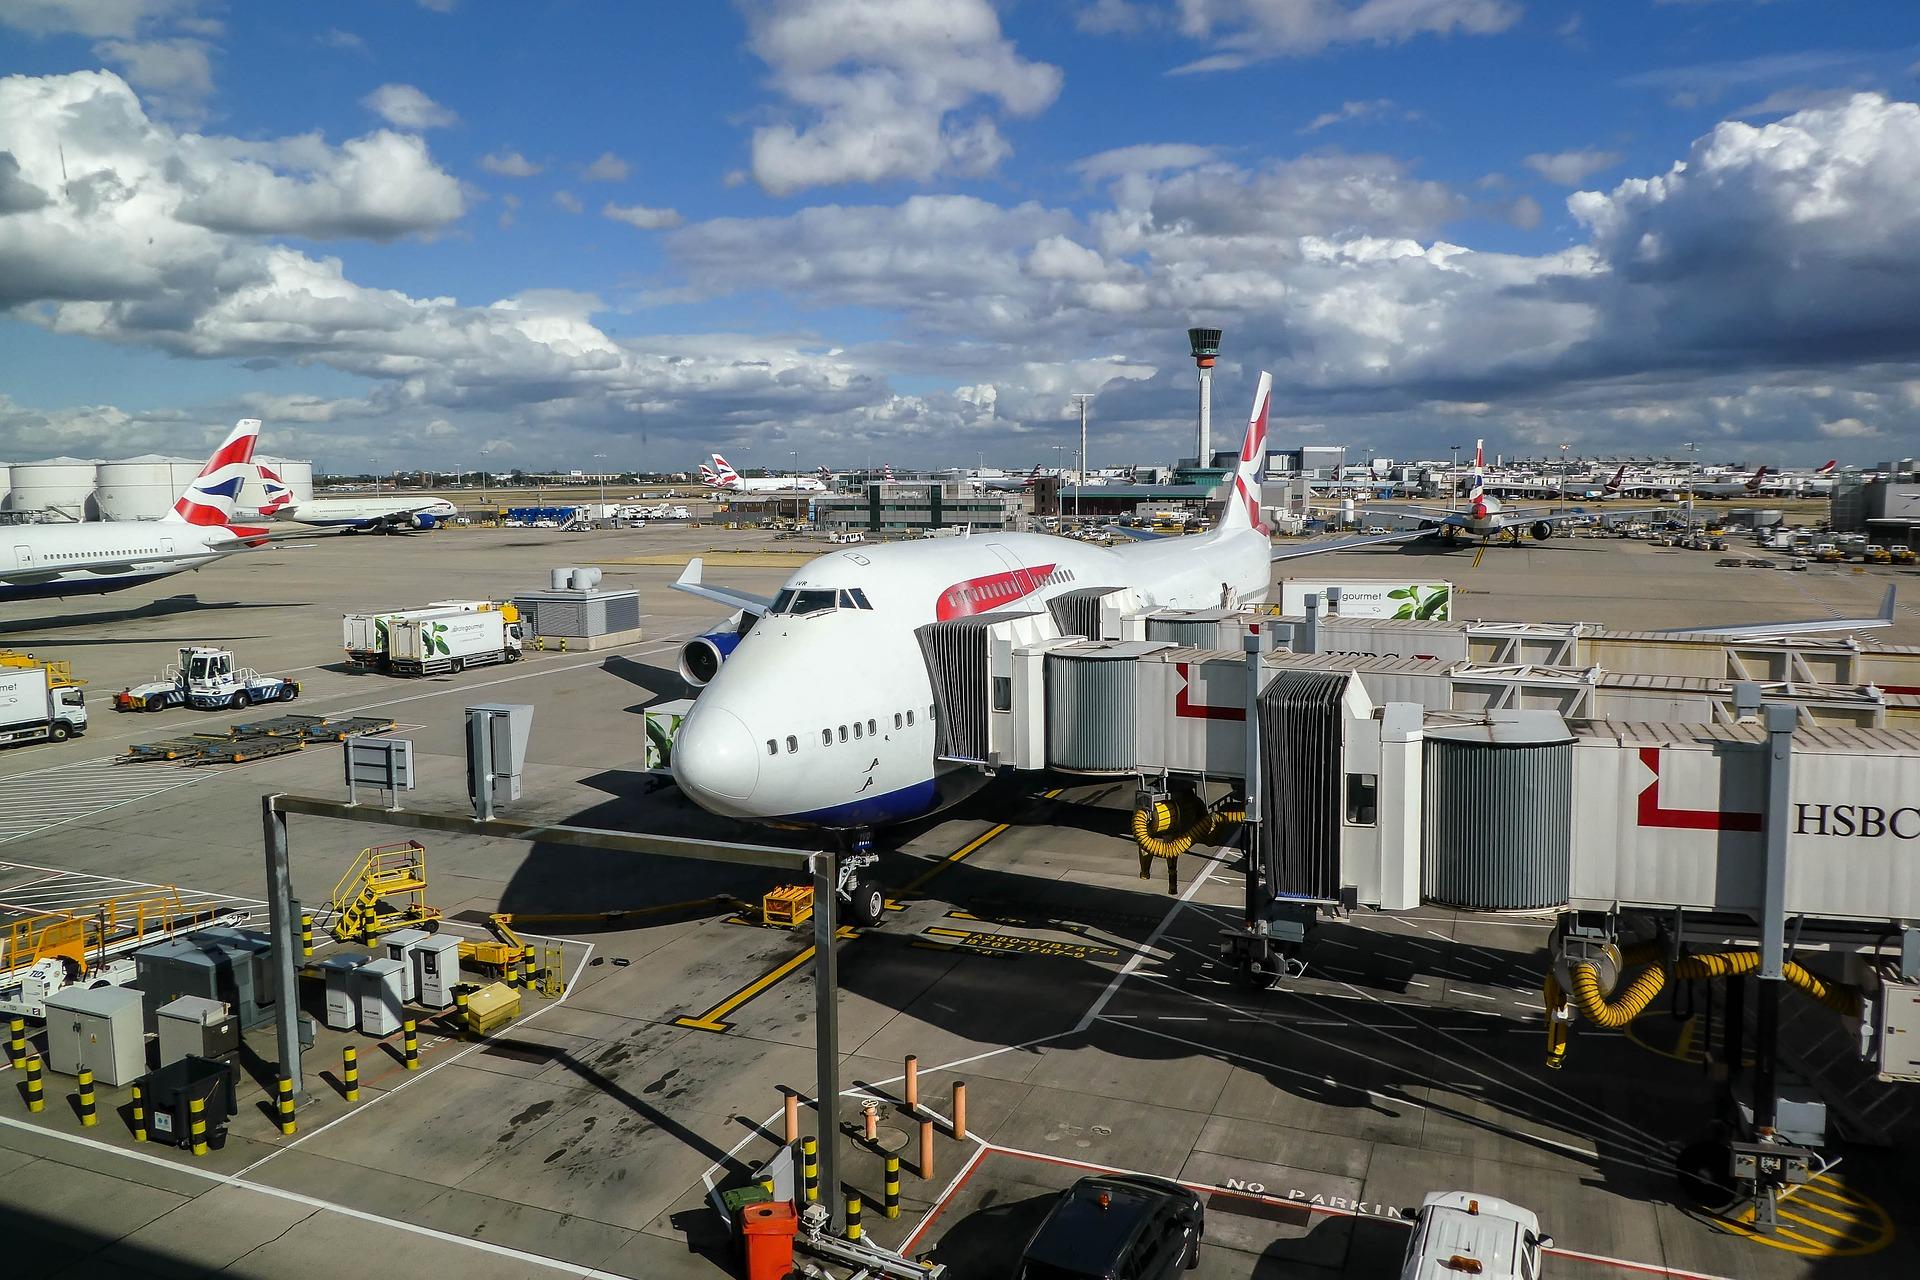 aviação civil avião